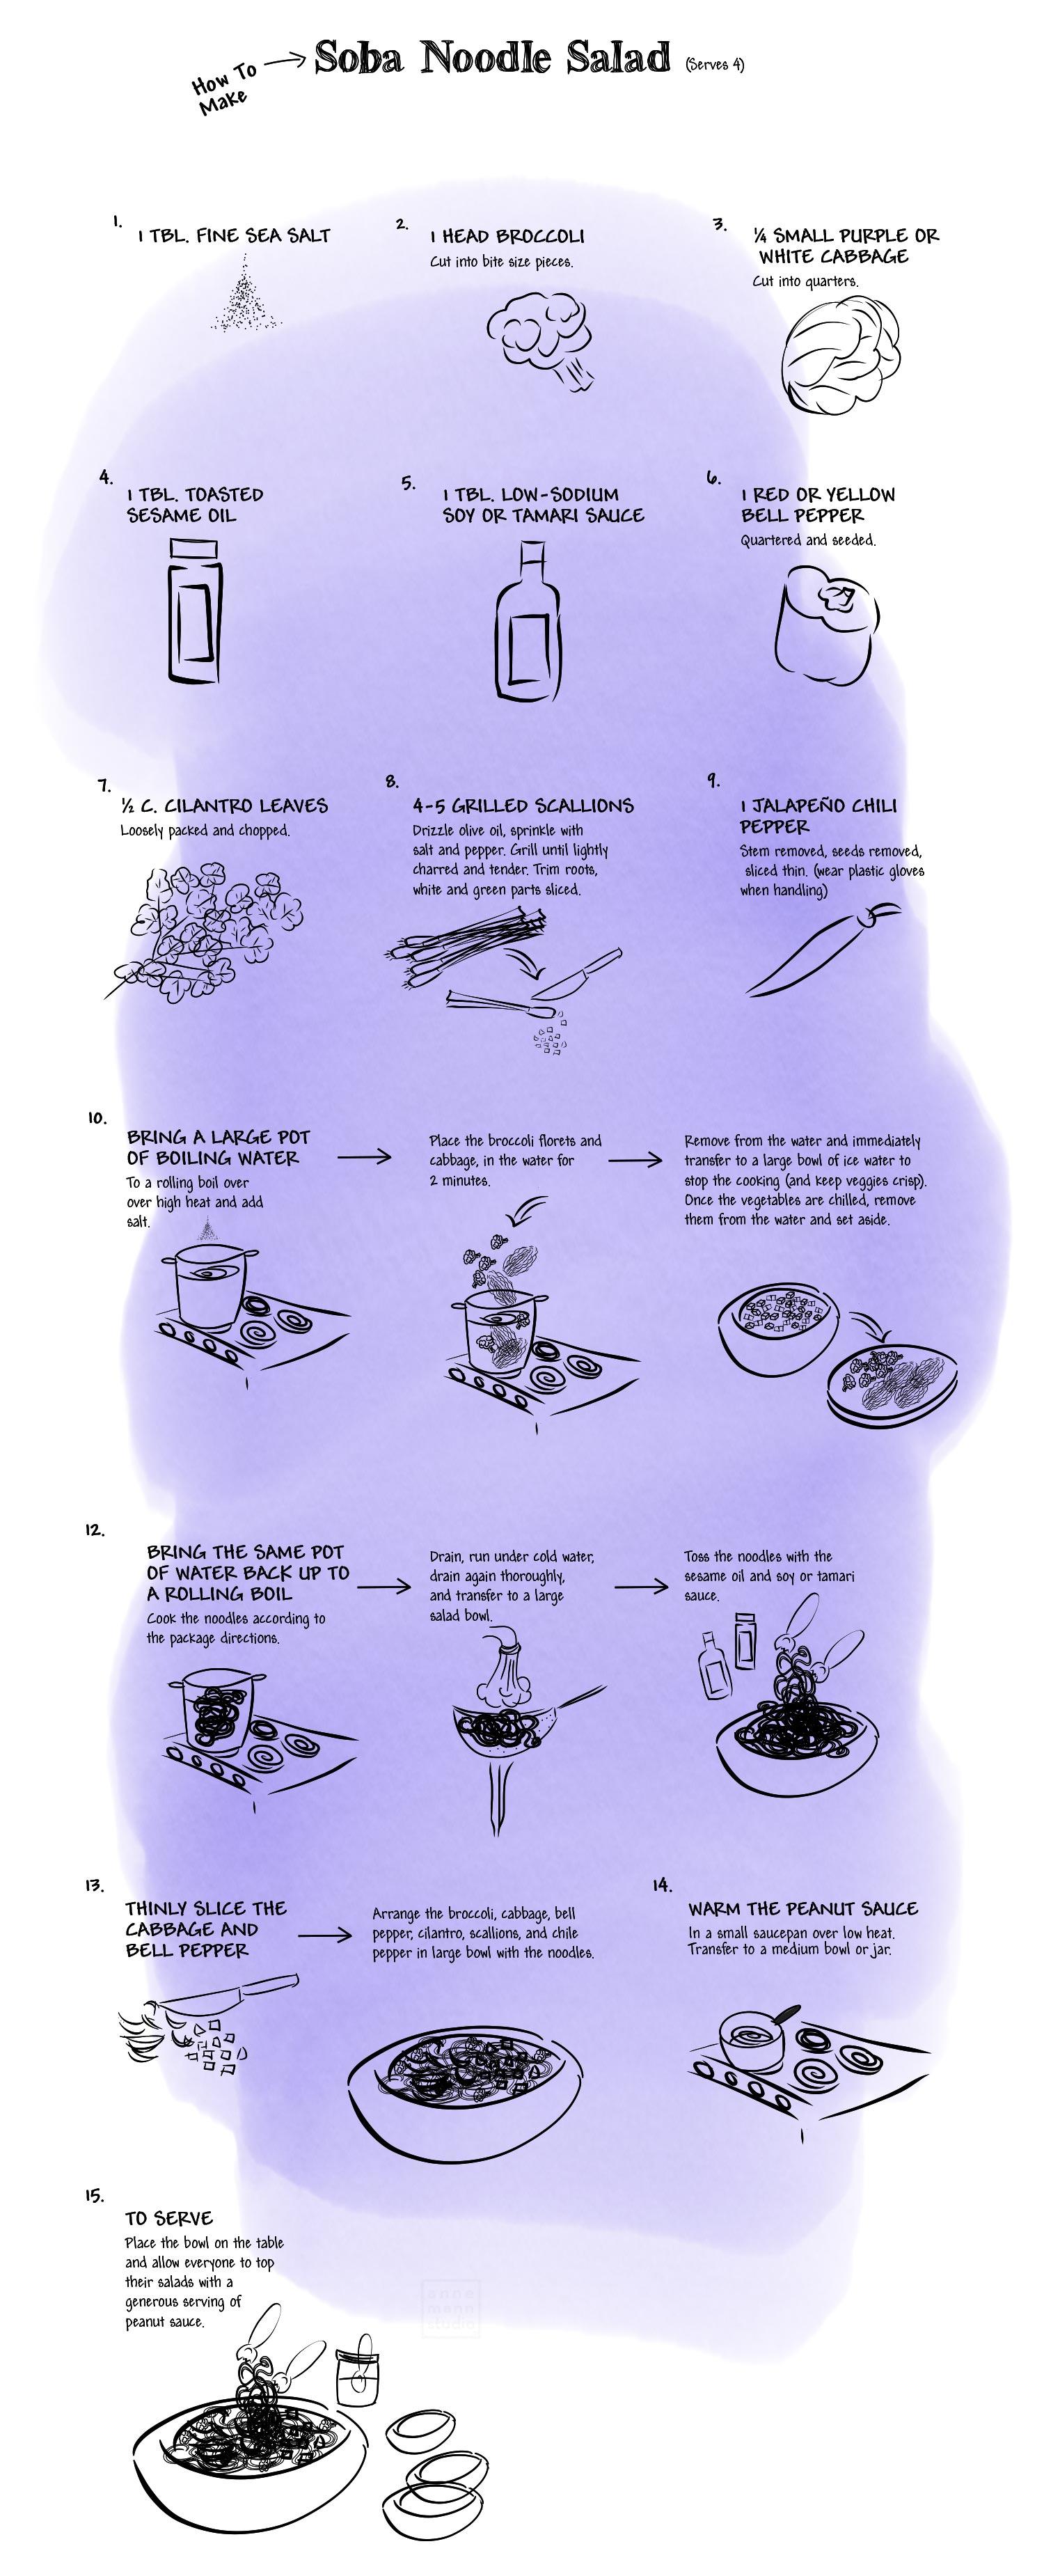 soba-noodle-salad-03.jpg